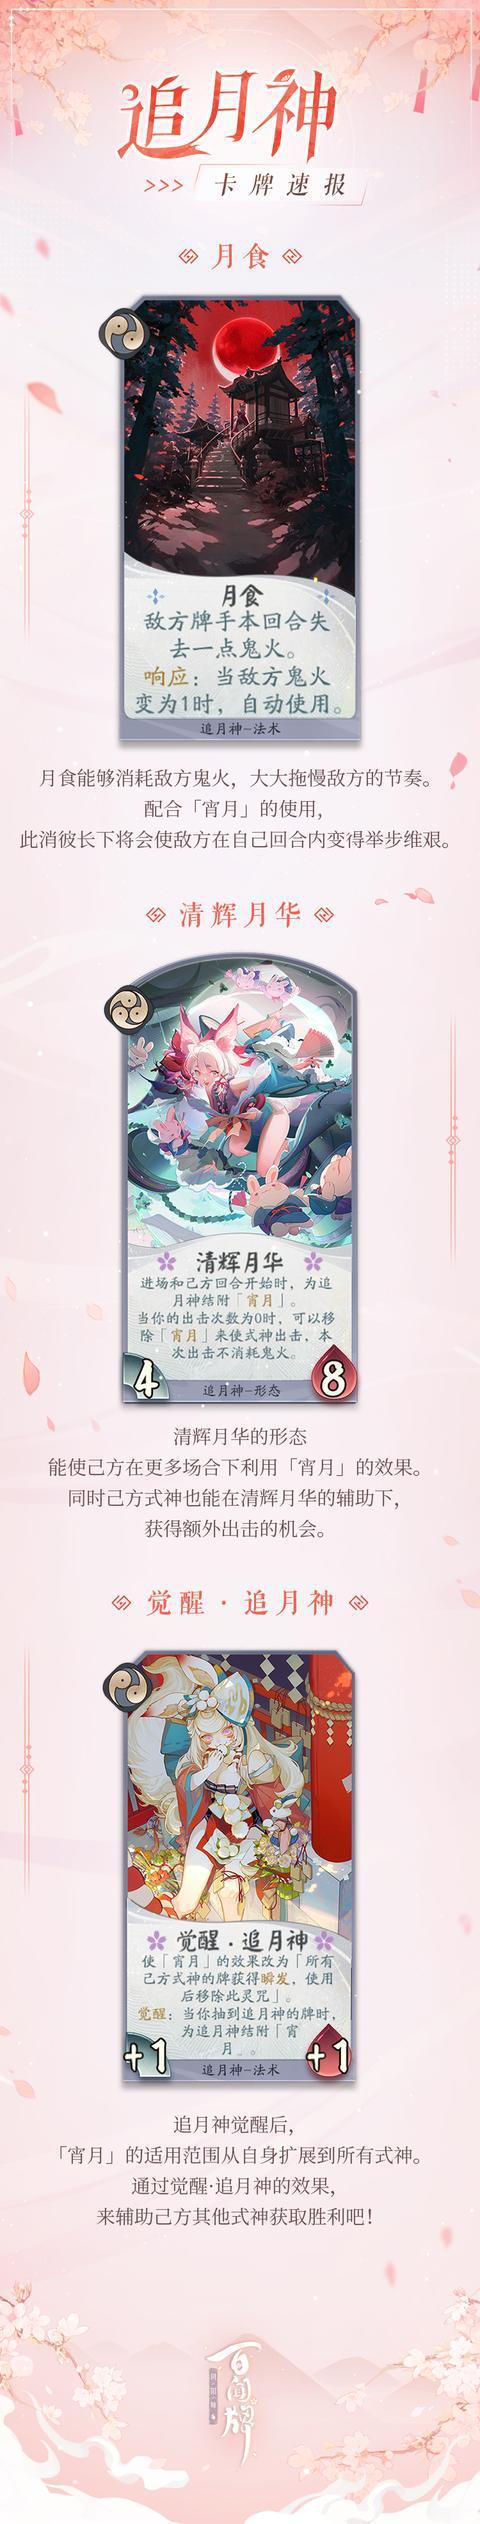 《阴阳师百闻牌》掌控双方鬼火的新式神来了!追月神卡牌技能大公开